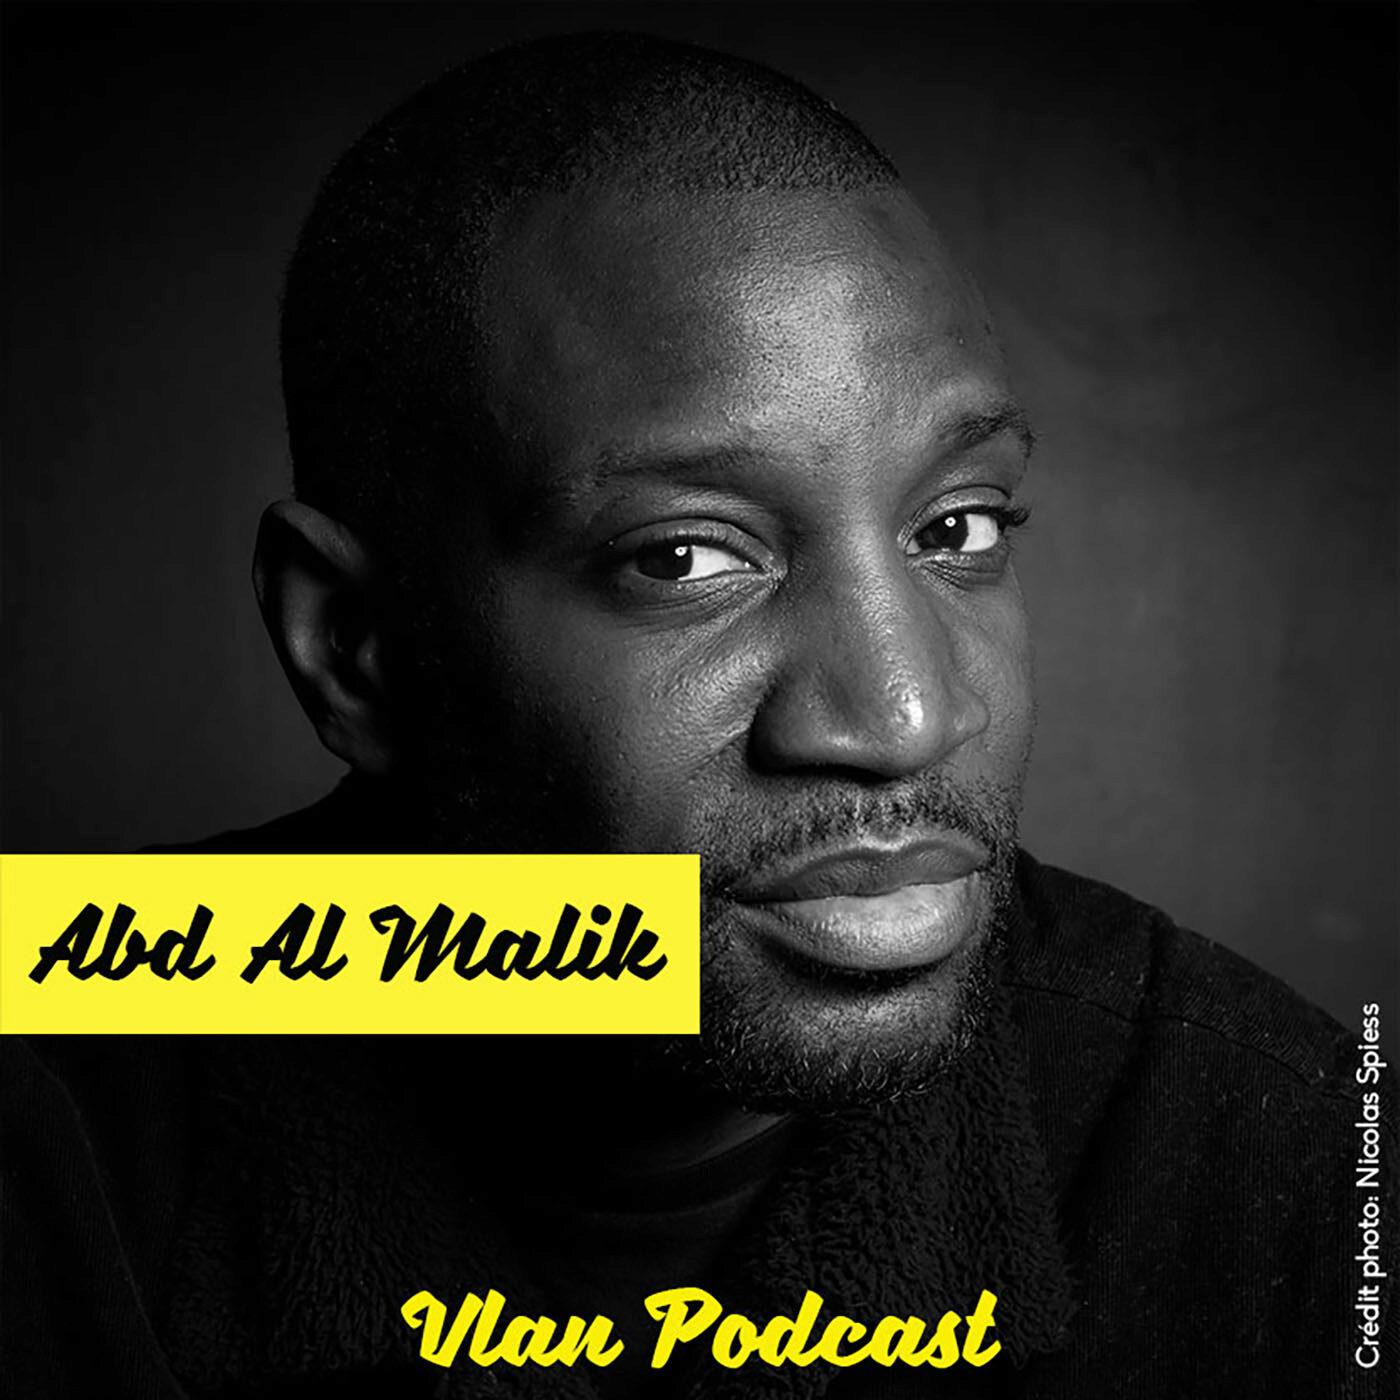 #172 Peut on encore se réconcilier en France? avec Abd Al Malik